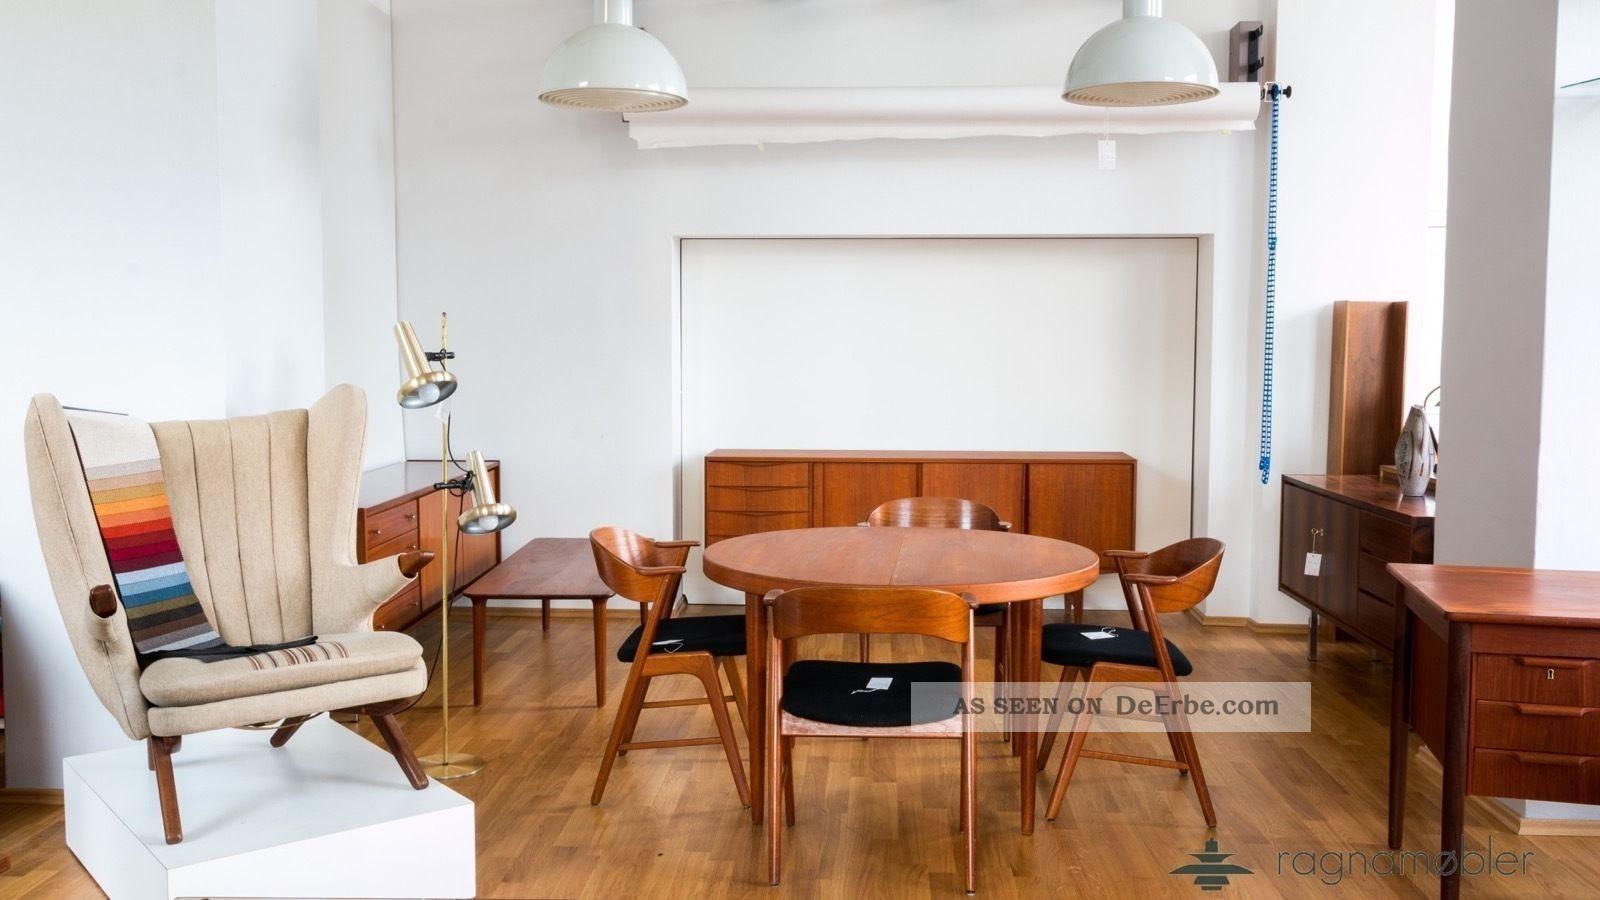 60er Danish Design Gunni Omann Schreibtisch Teak Mid Century Modern Writing Desk 1960-1969 Bild